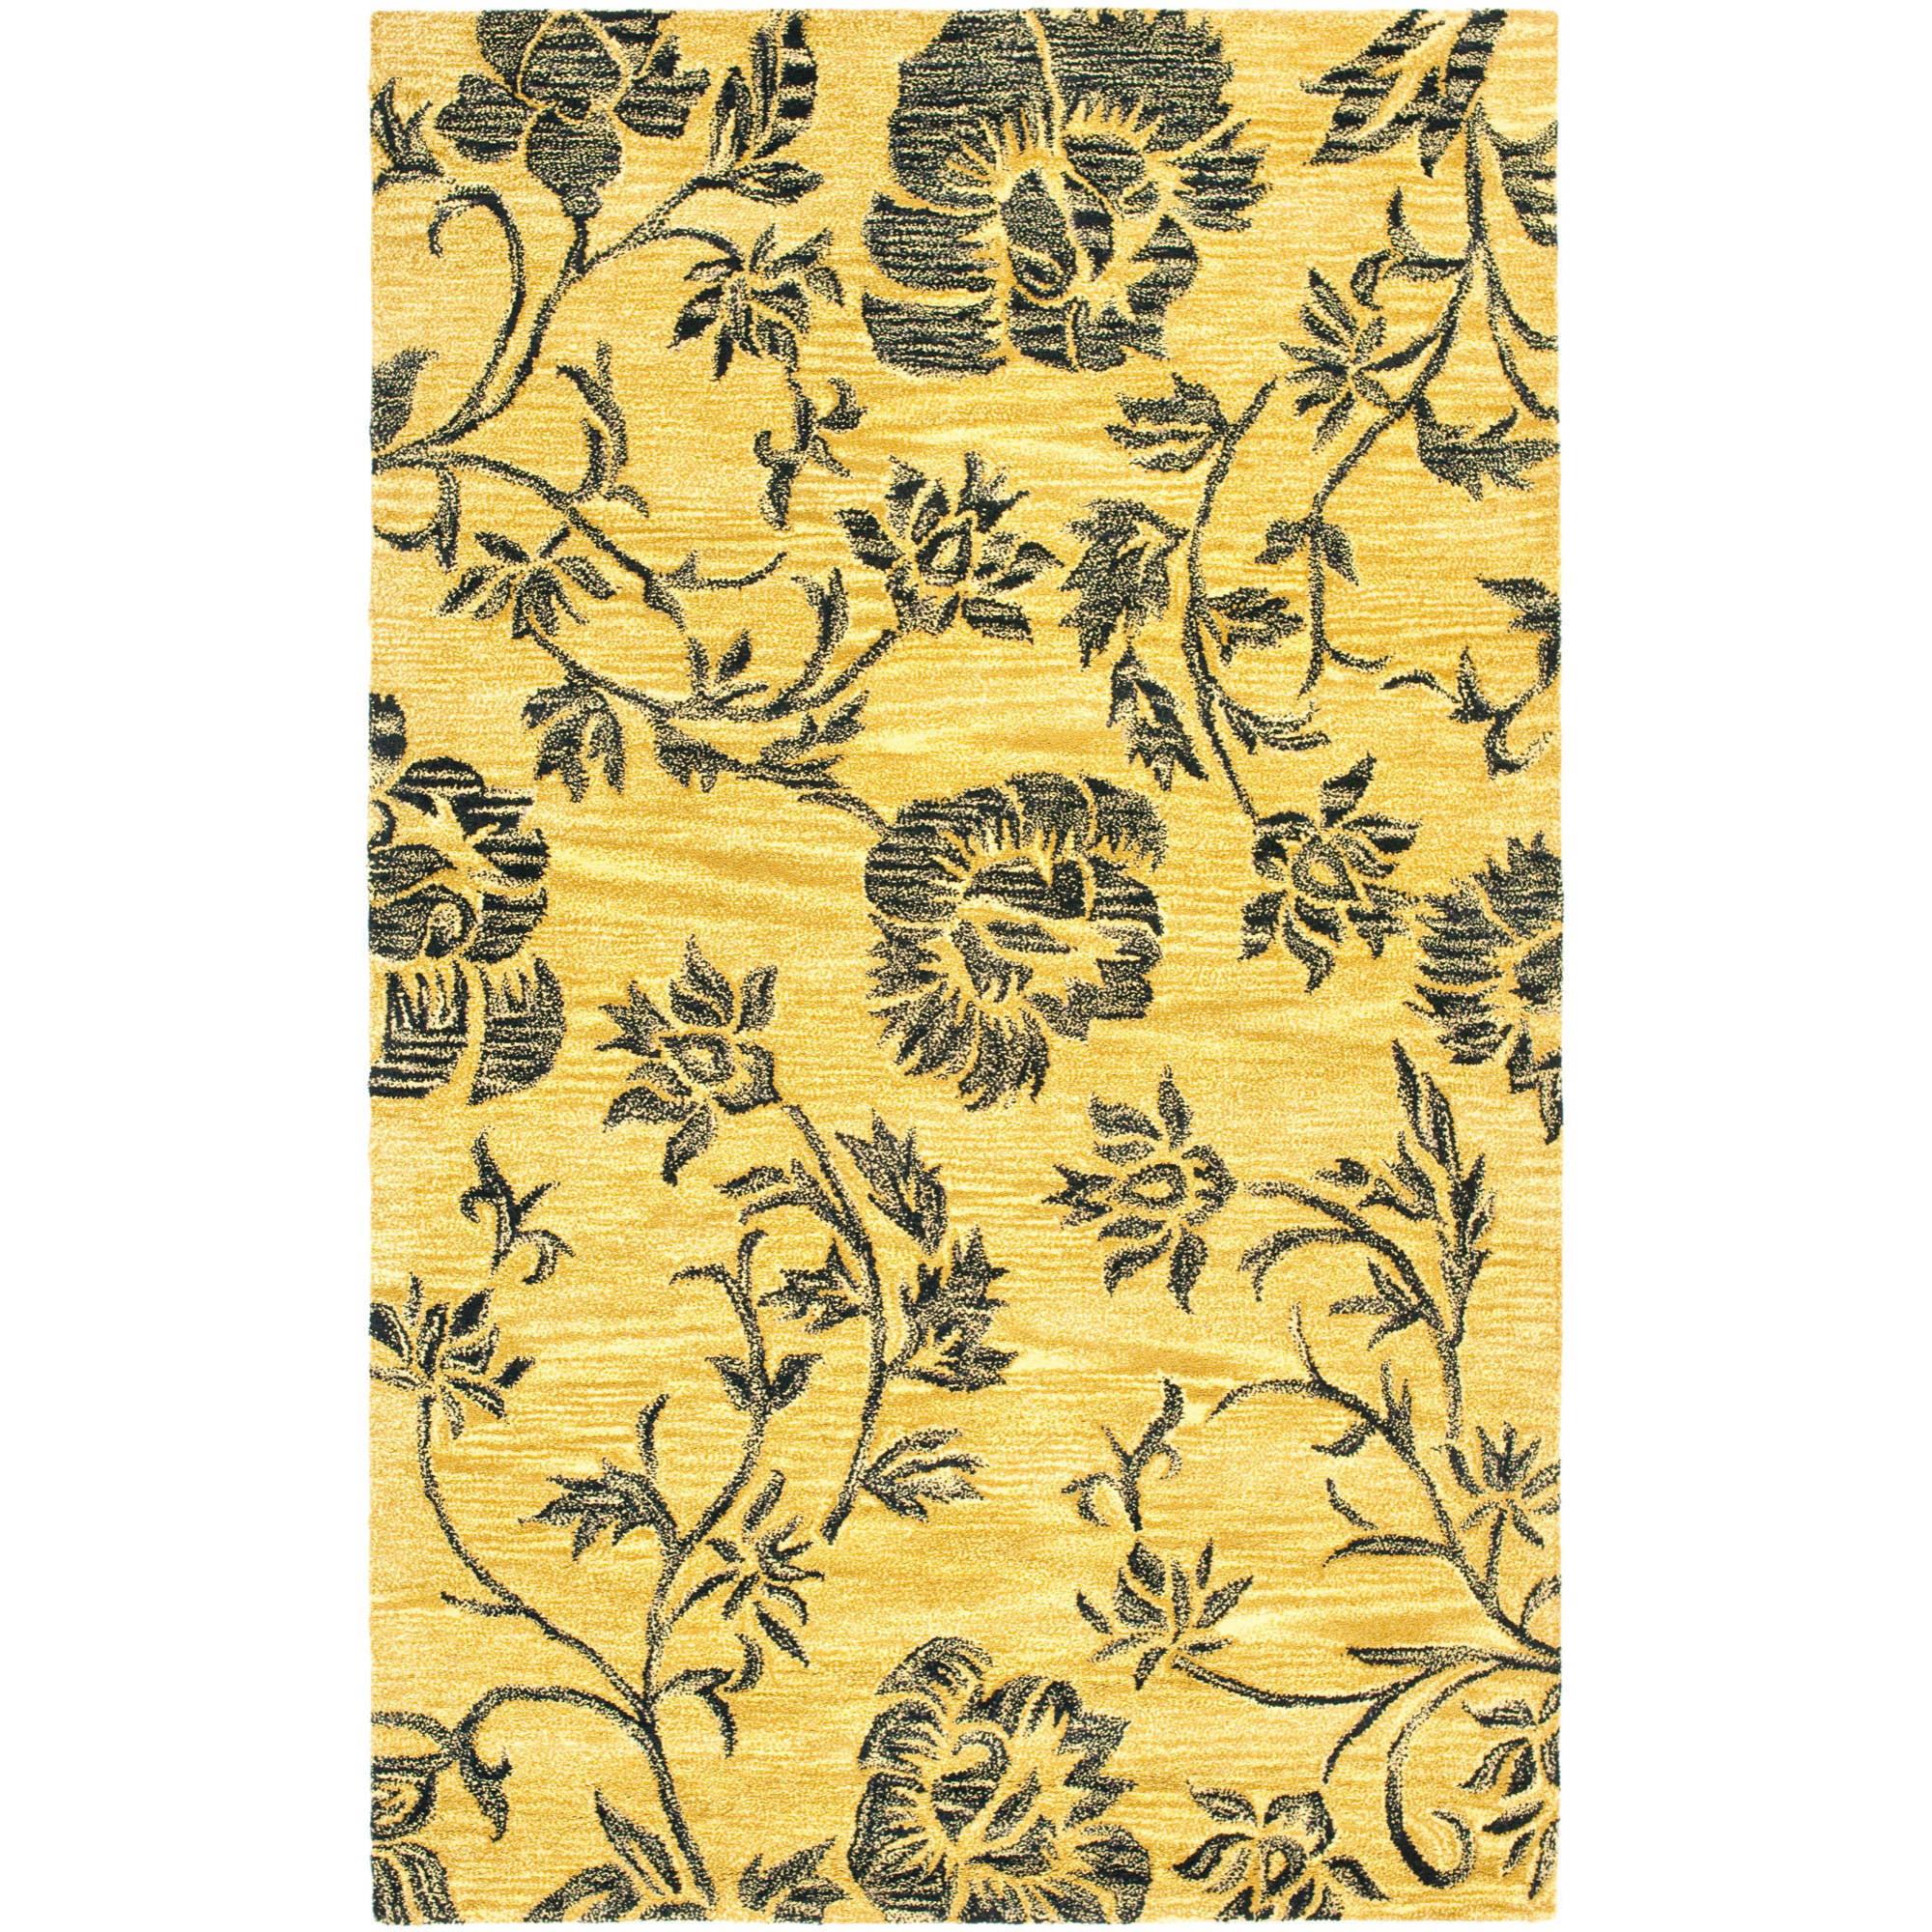 Safavieh Soho Crystal Floral Wool Area Rug or Runner